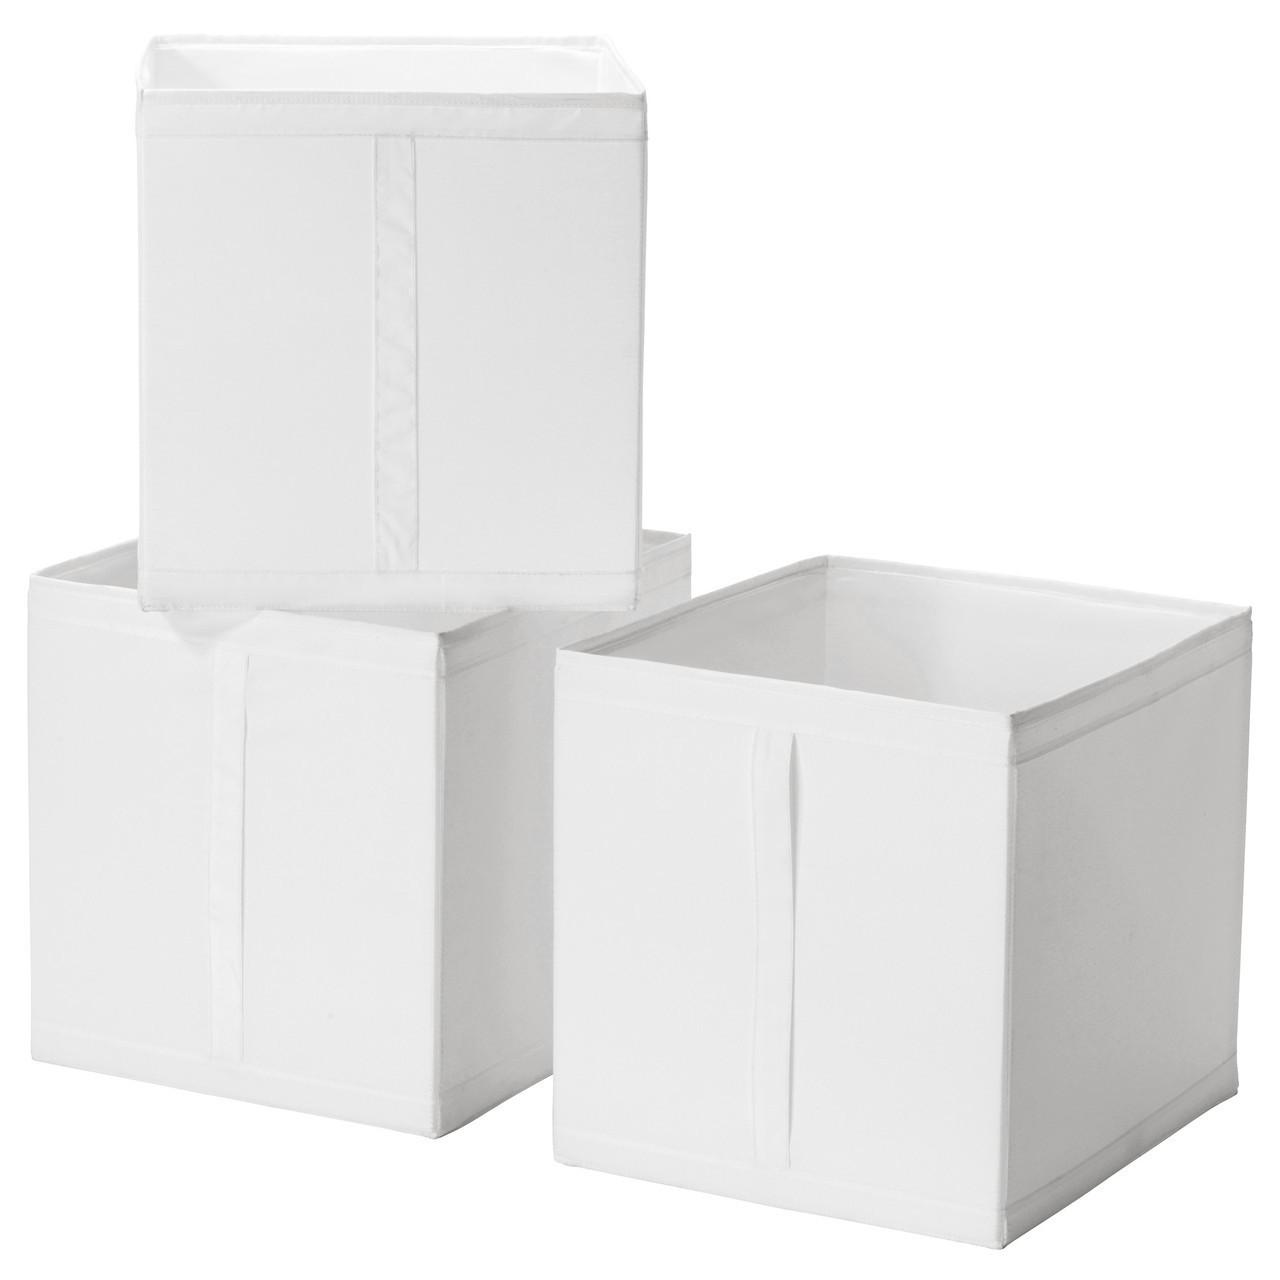 SKUBB Коробка, білий 001.863.95